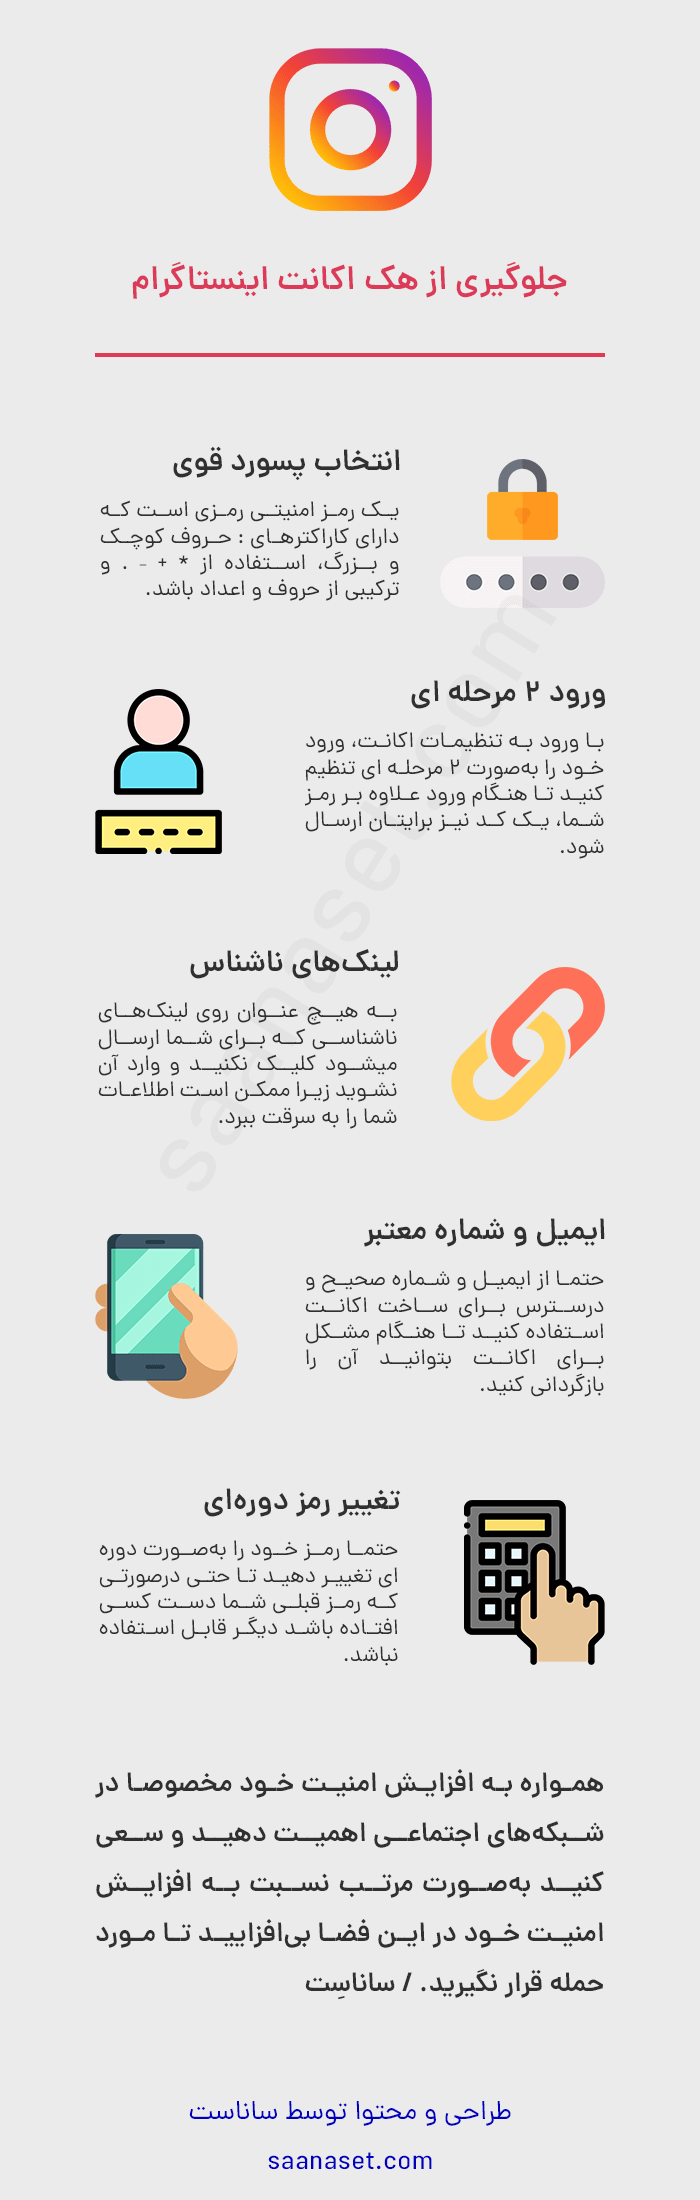 جلوگیری از هک اکانت اینستاگرام - ساناست